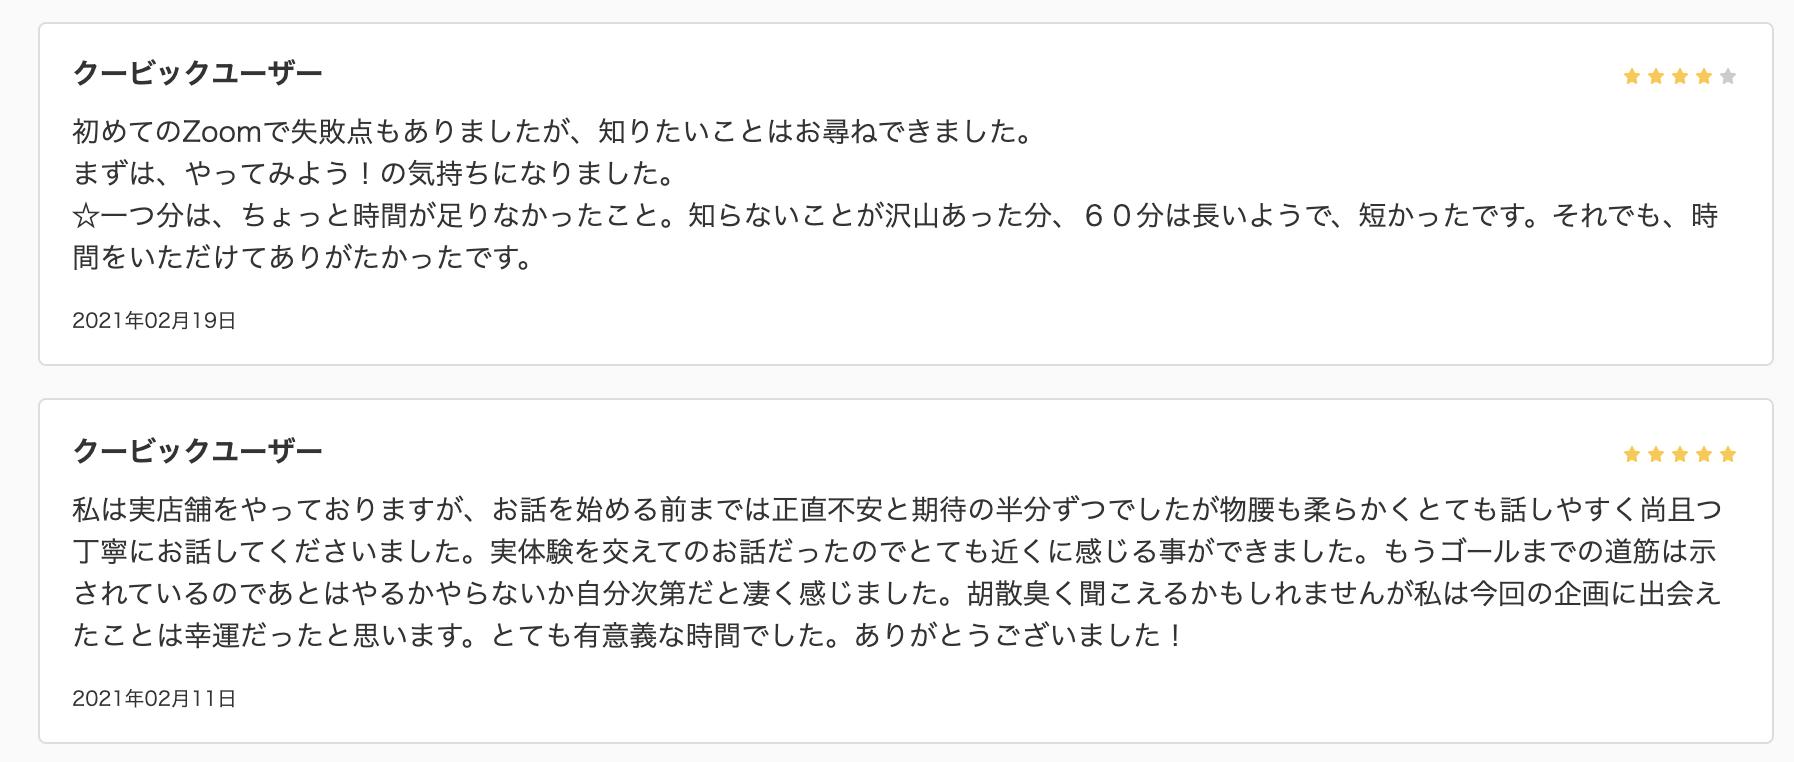 IT専門家 鈴木浩三